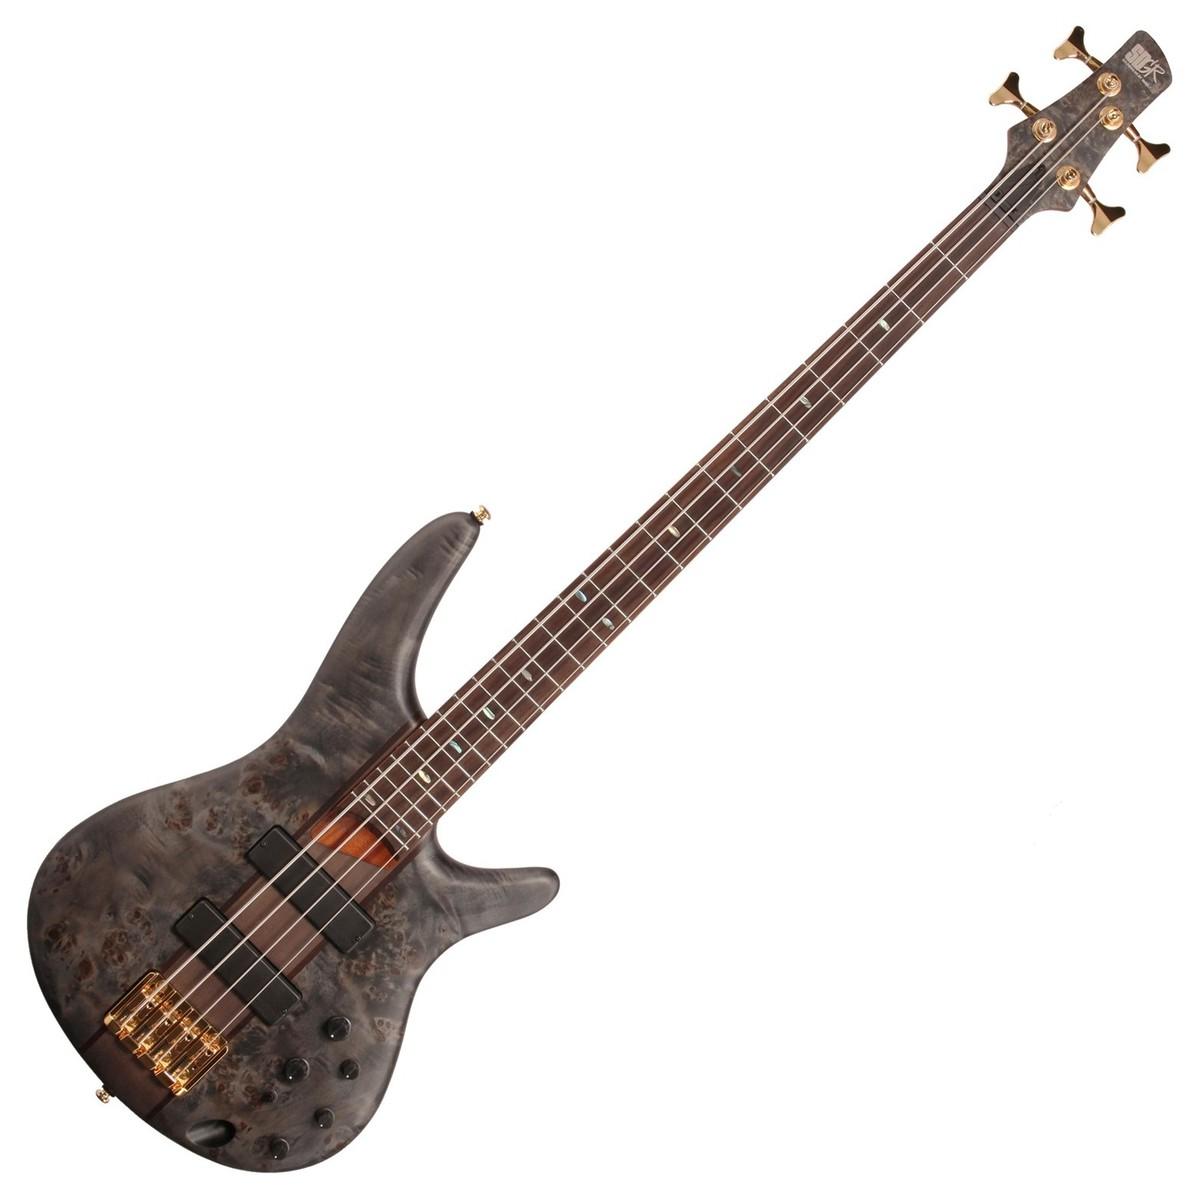 ibanez sr800 bass guitar black ice flat at. Black Bedroom Furniture Sets. Home Design Ideas